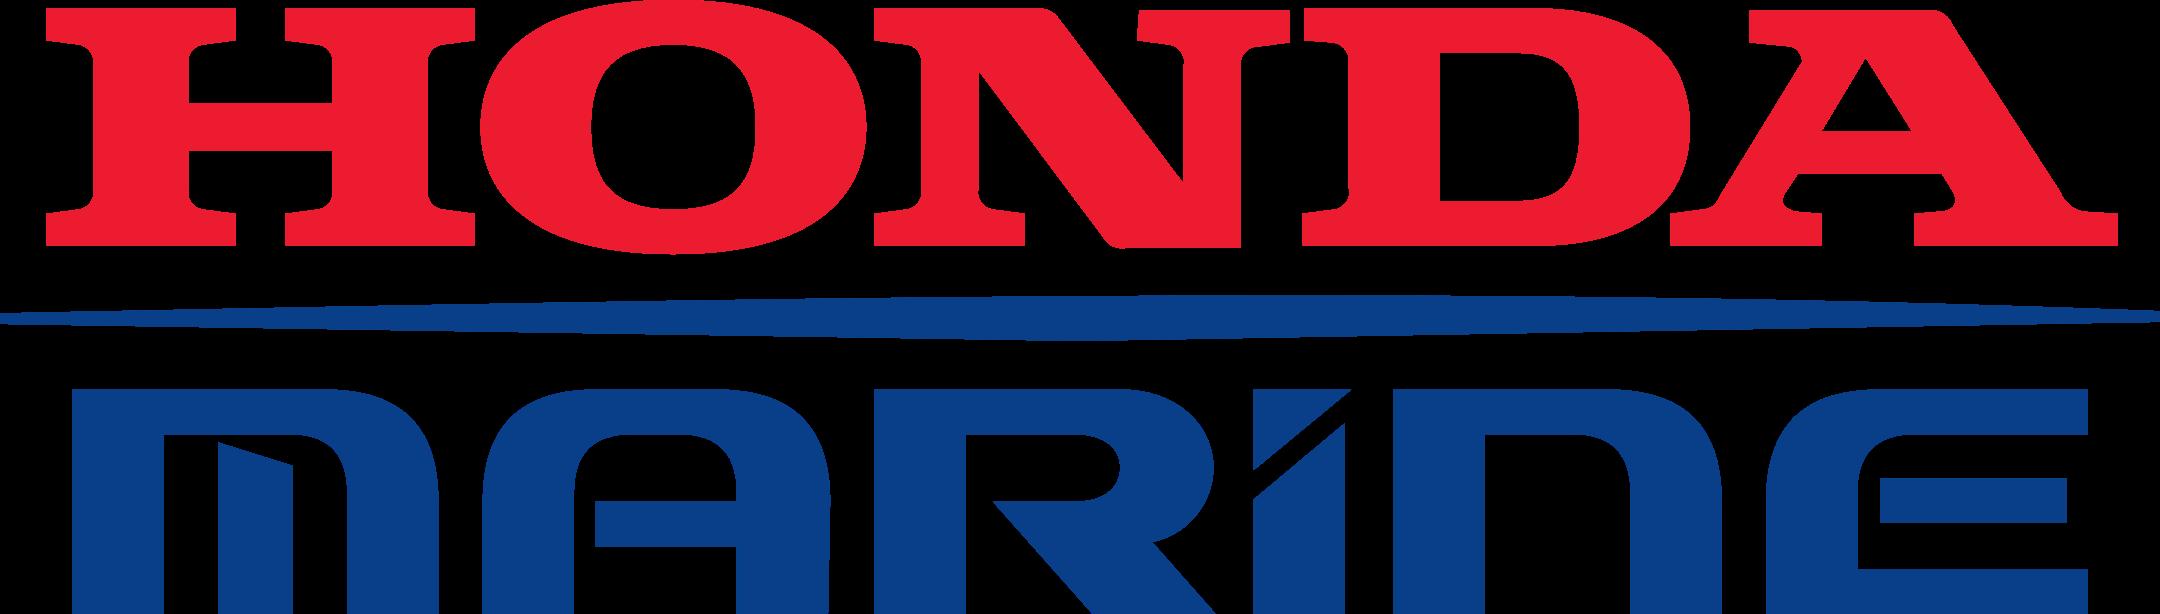 honda marine logo 1 - Honda Marine Logo